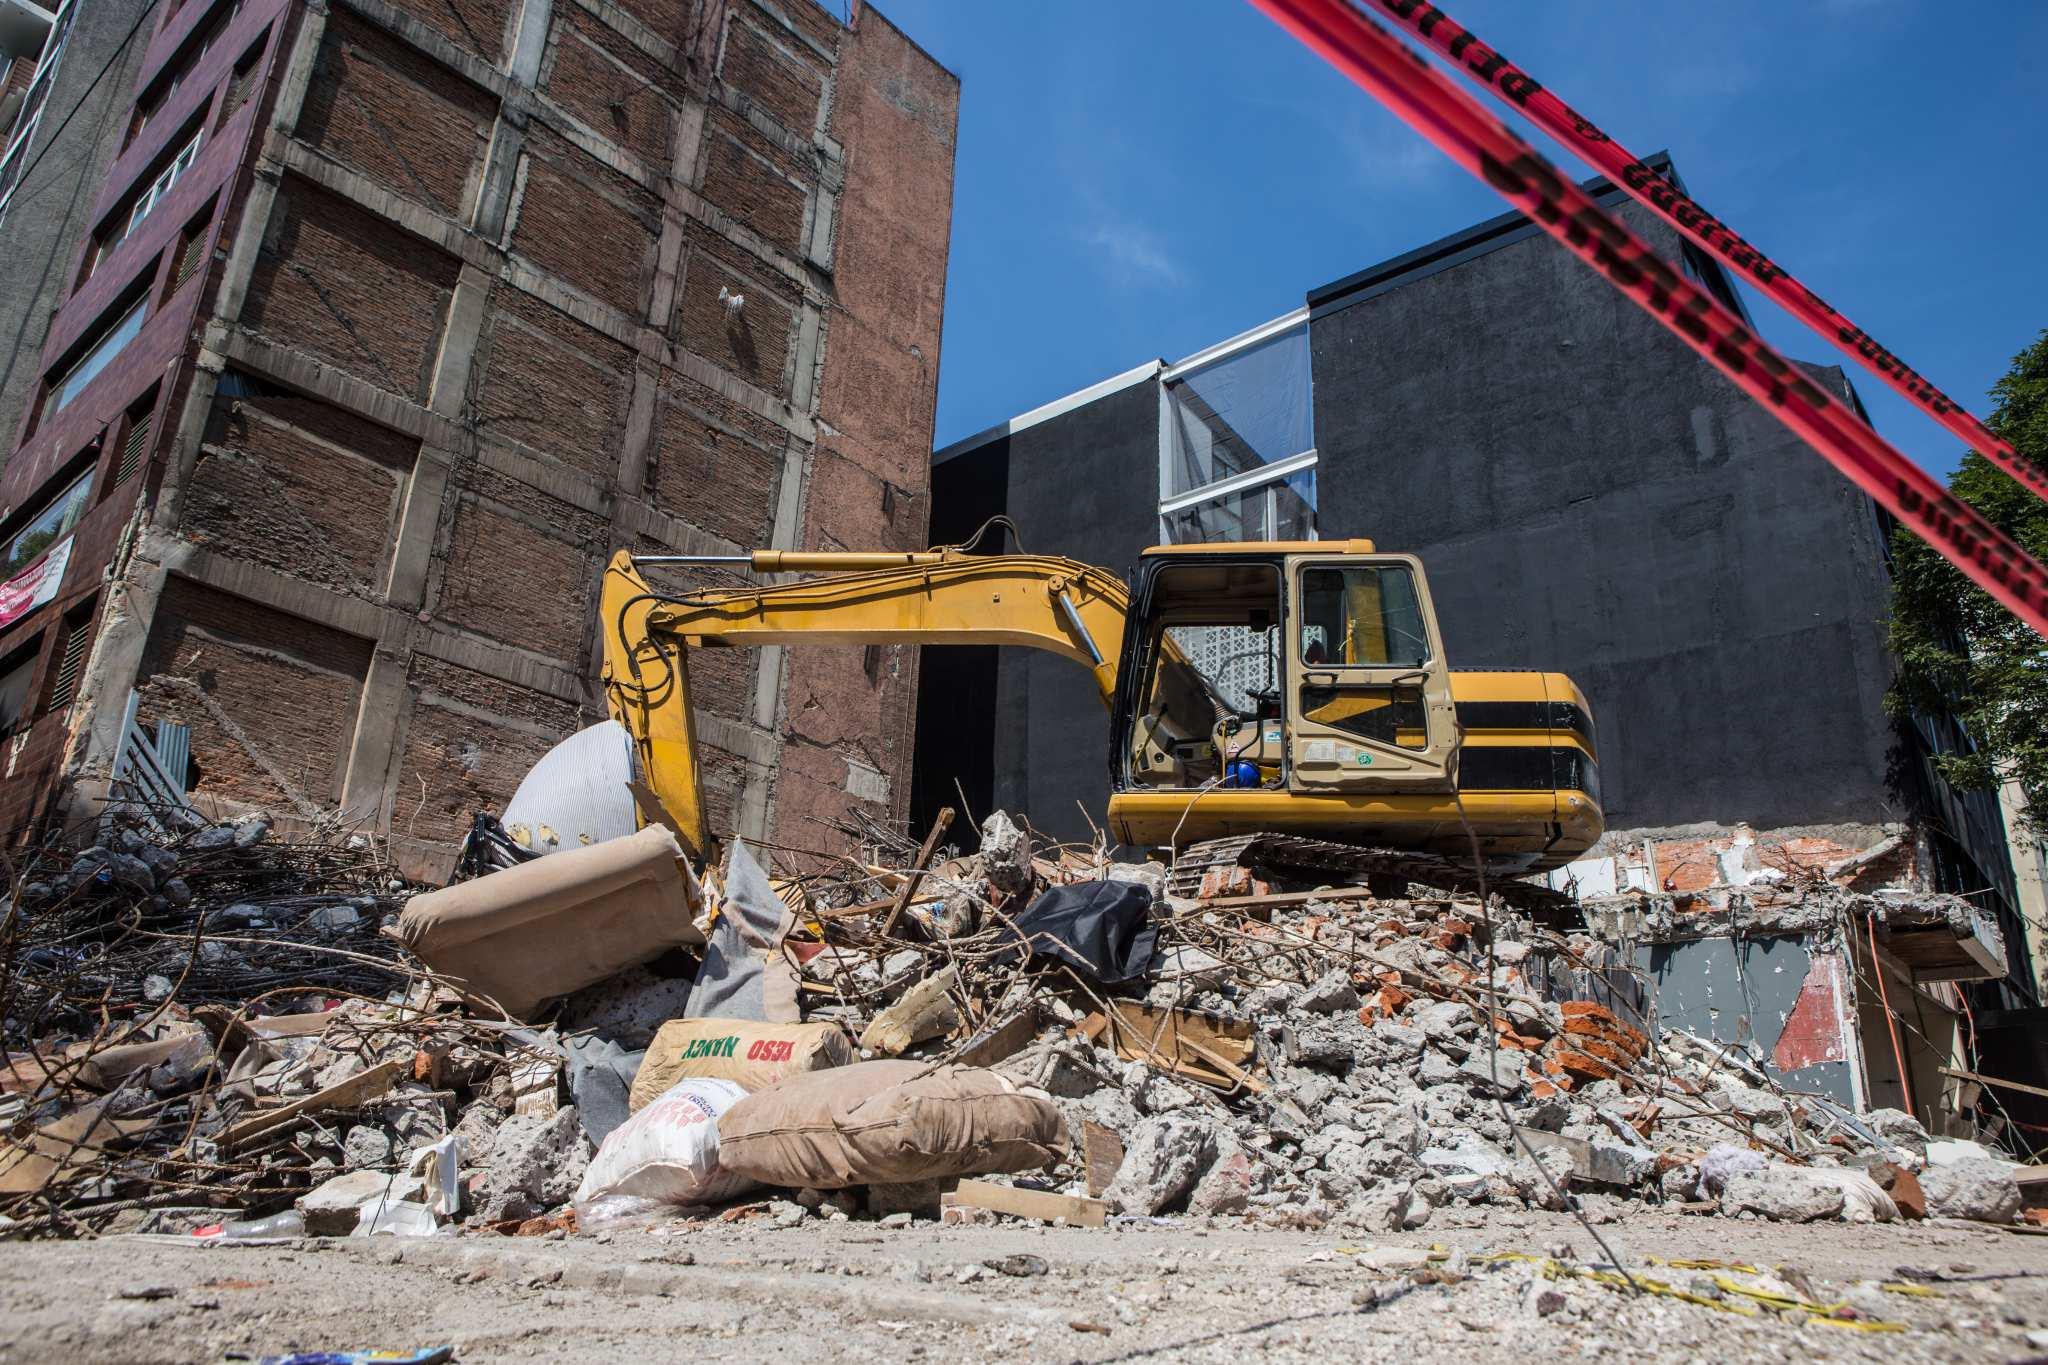 Concluirá este año gobierno capitalino reconstrucción de 144 edificios y 7 mil viviendas dañadas por sismo 19S